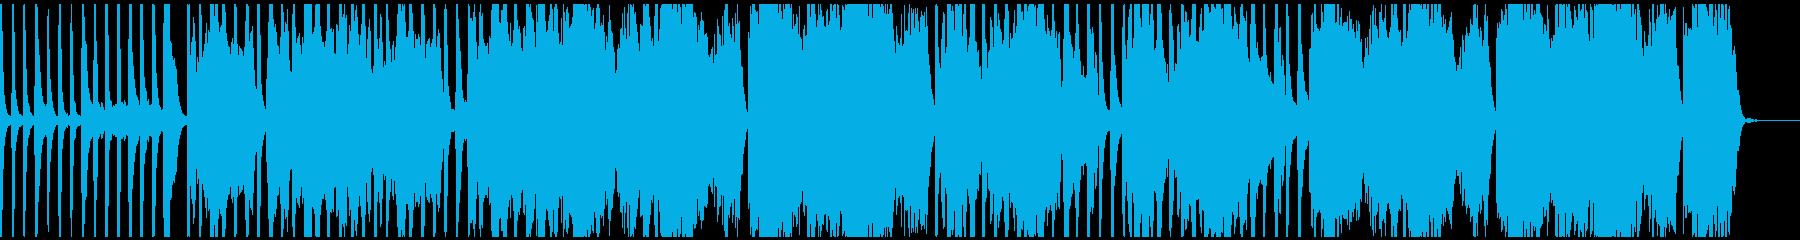 アコギ、フルート主のんびりとした伴奏の再生済みの波形